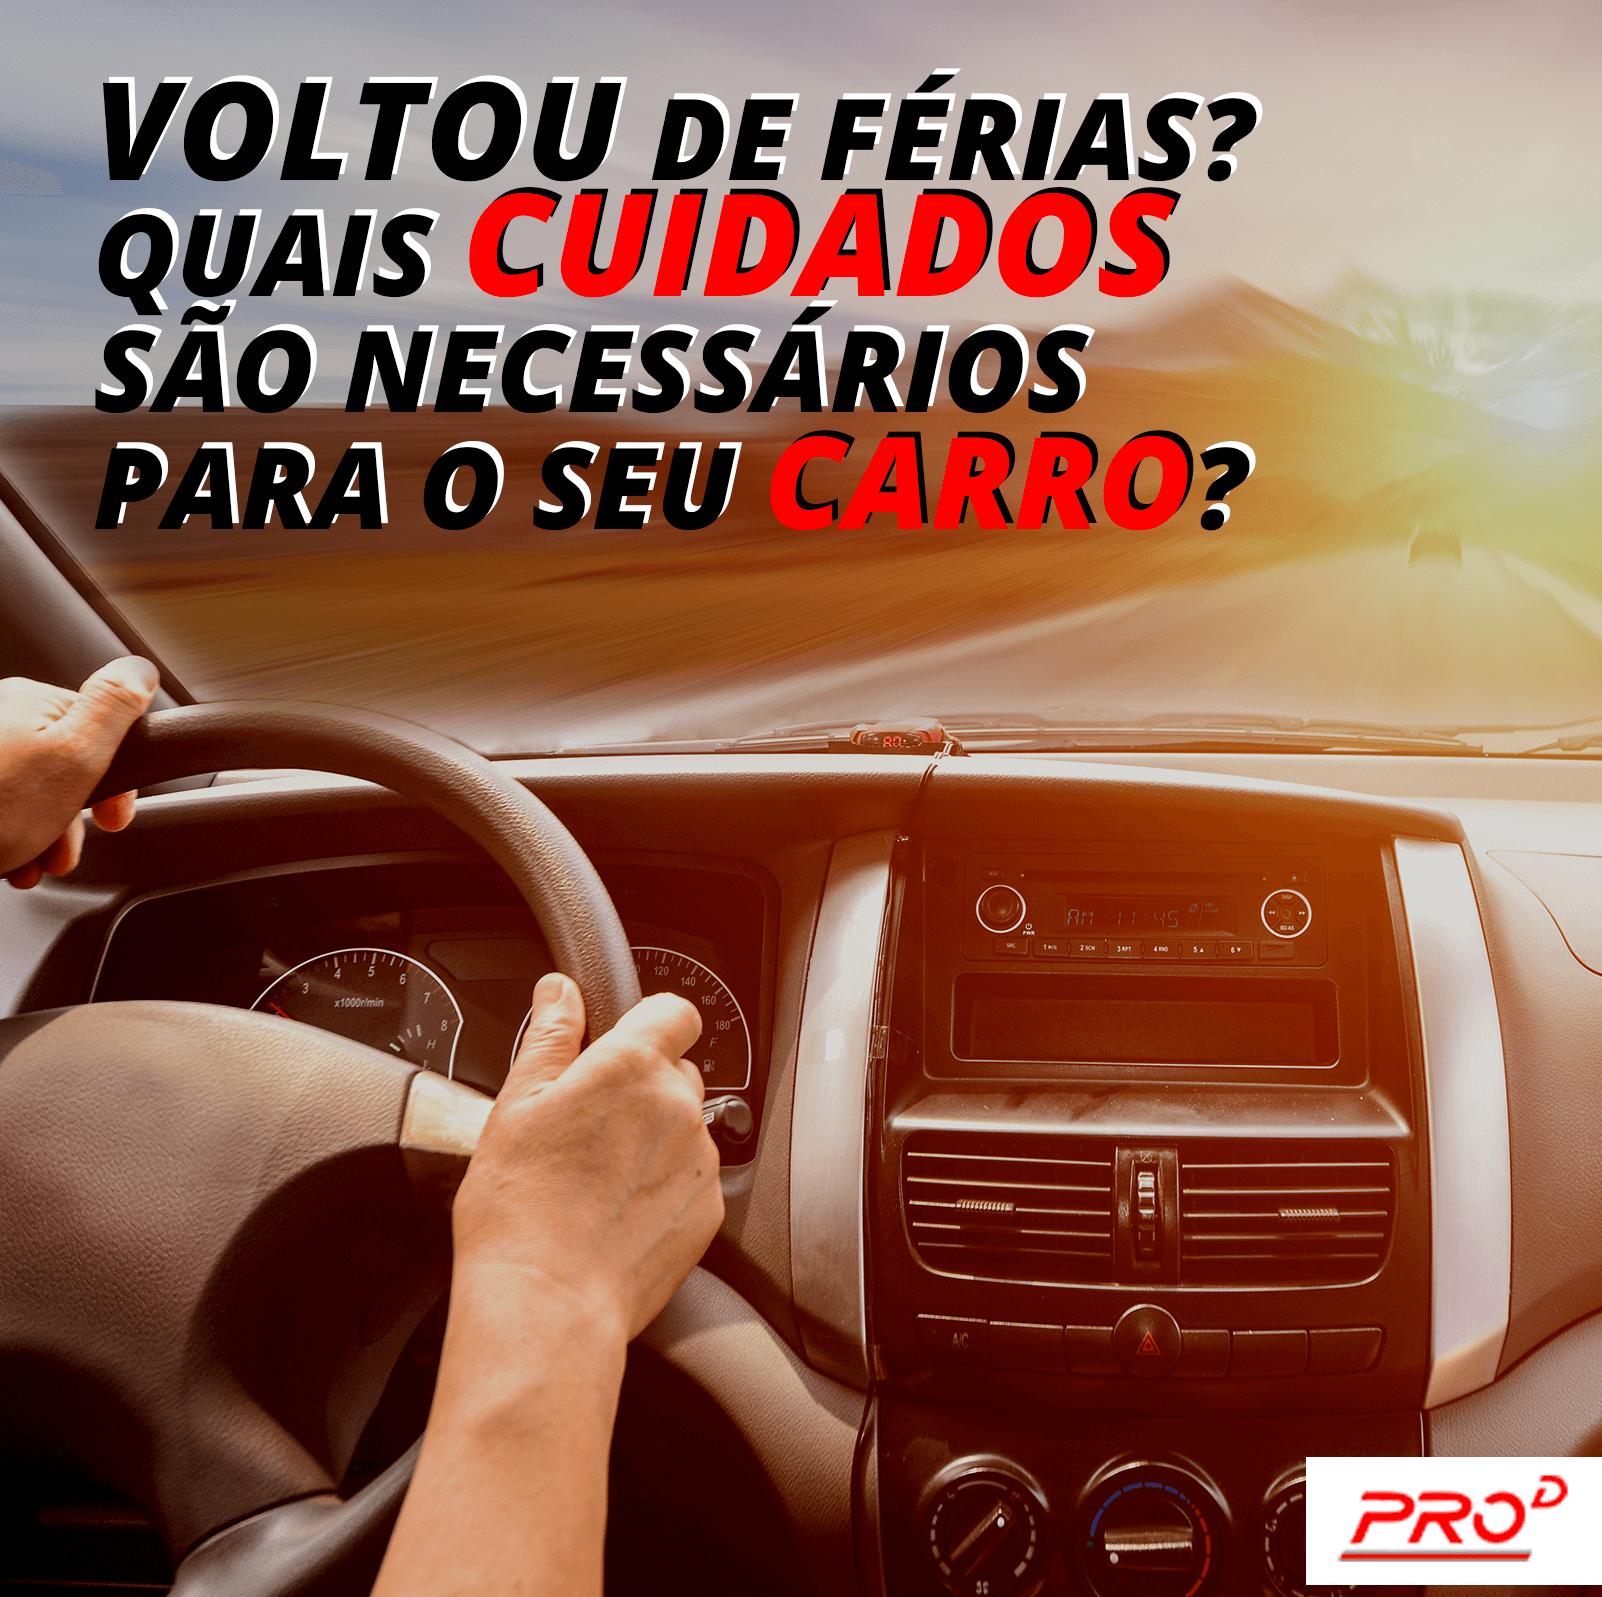 Quais cuidados são necessários após sua viagem de carro?